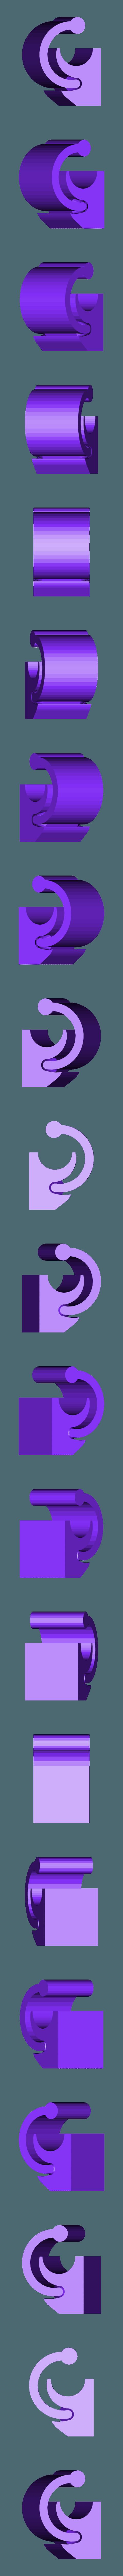 rod_clasp_10mm.stl Télécharger fichier STL gratuit Fermoir à baguette • Plan pour impression 3D, MGX